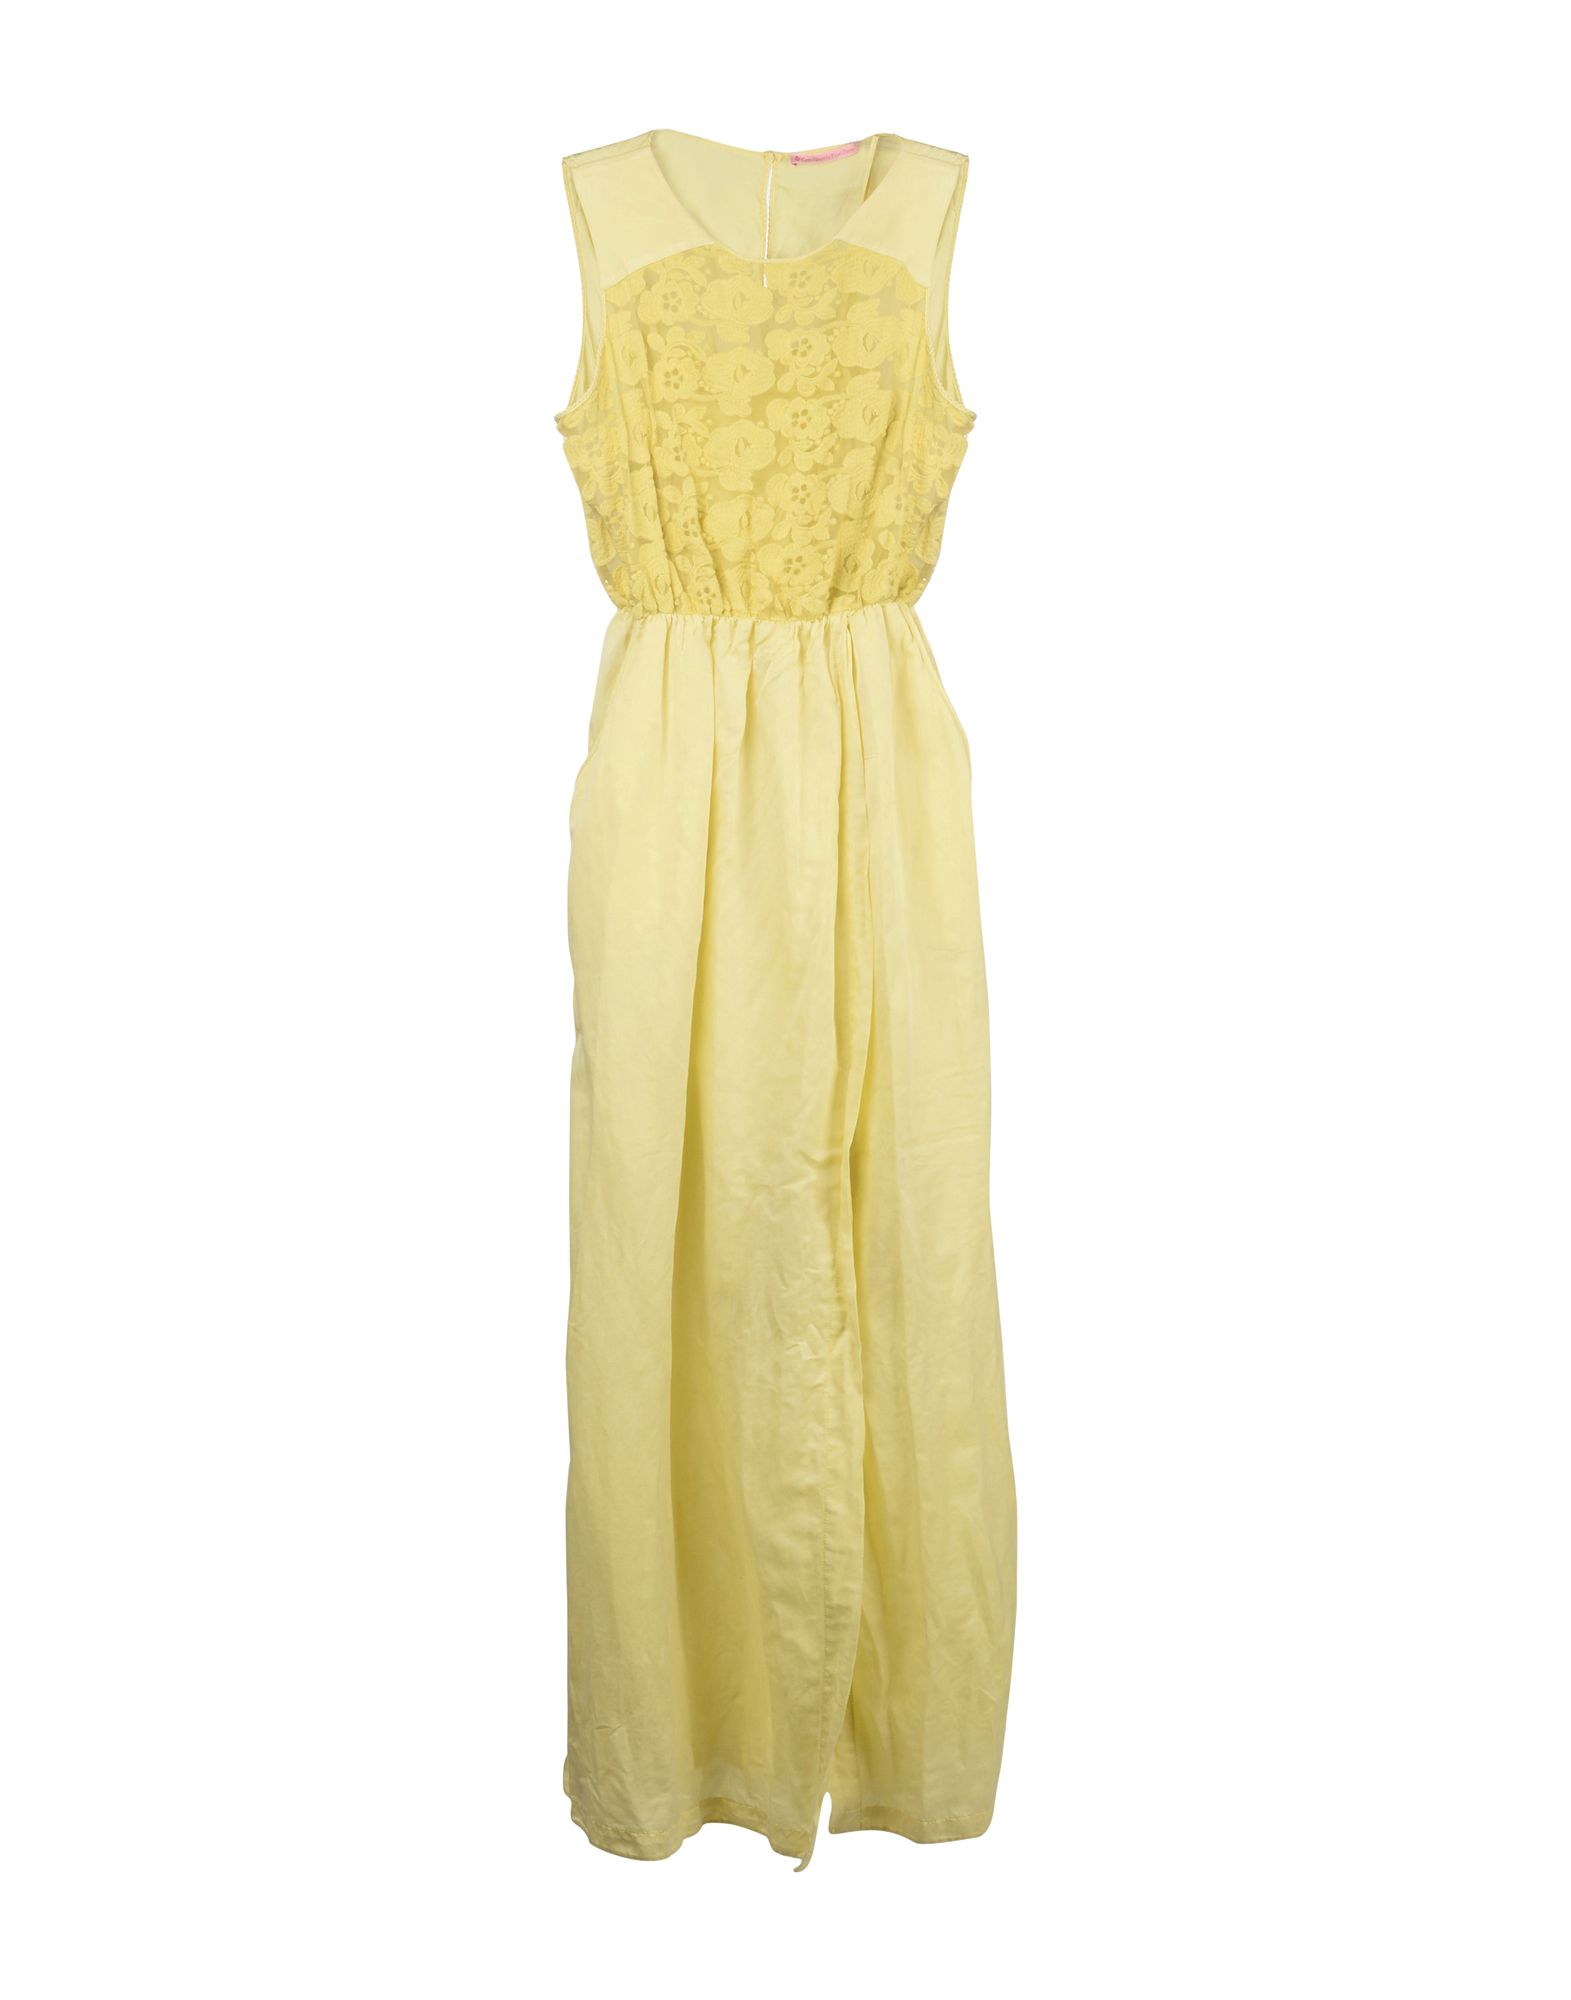 CQFP Длинное платье платье короткое спереди длинное сзади летнее